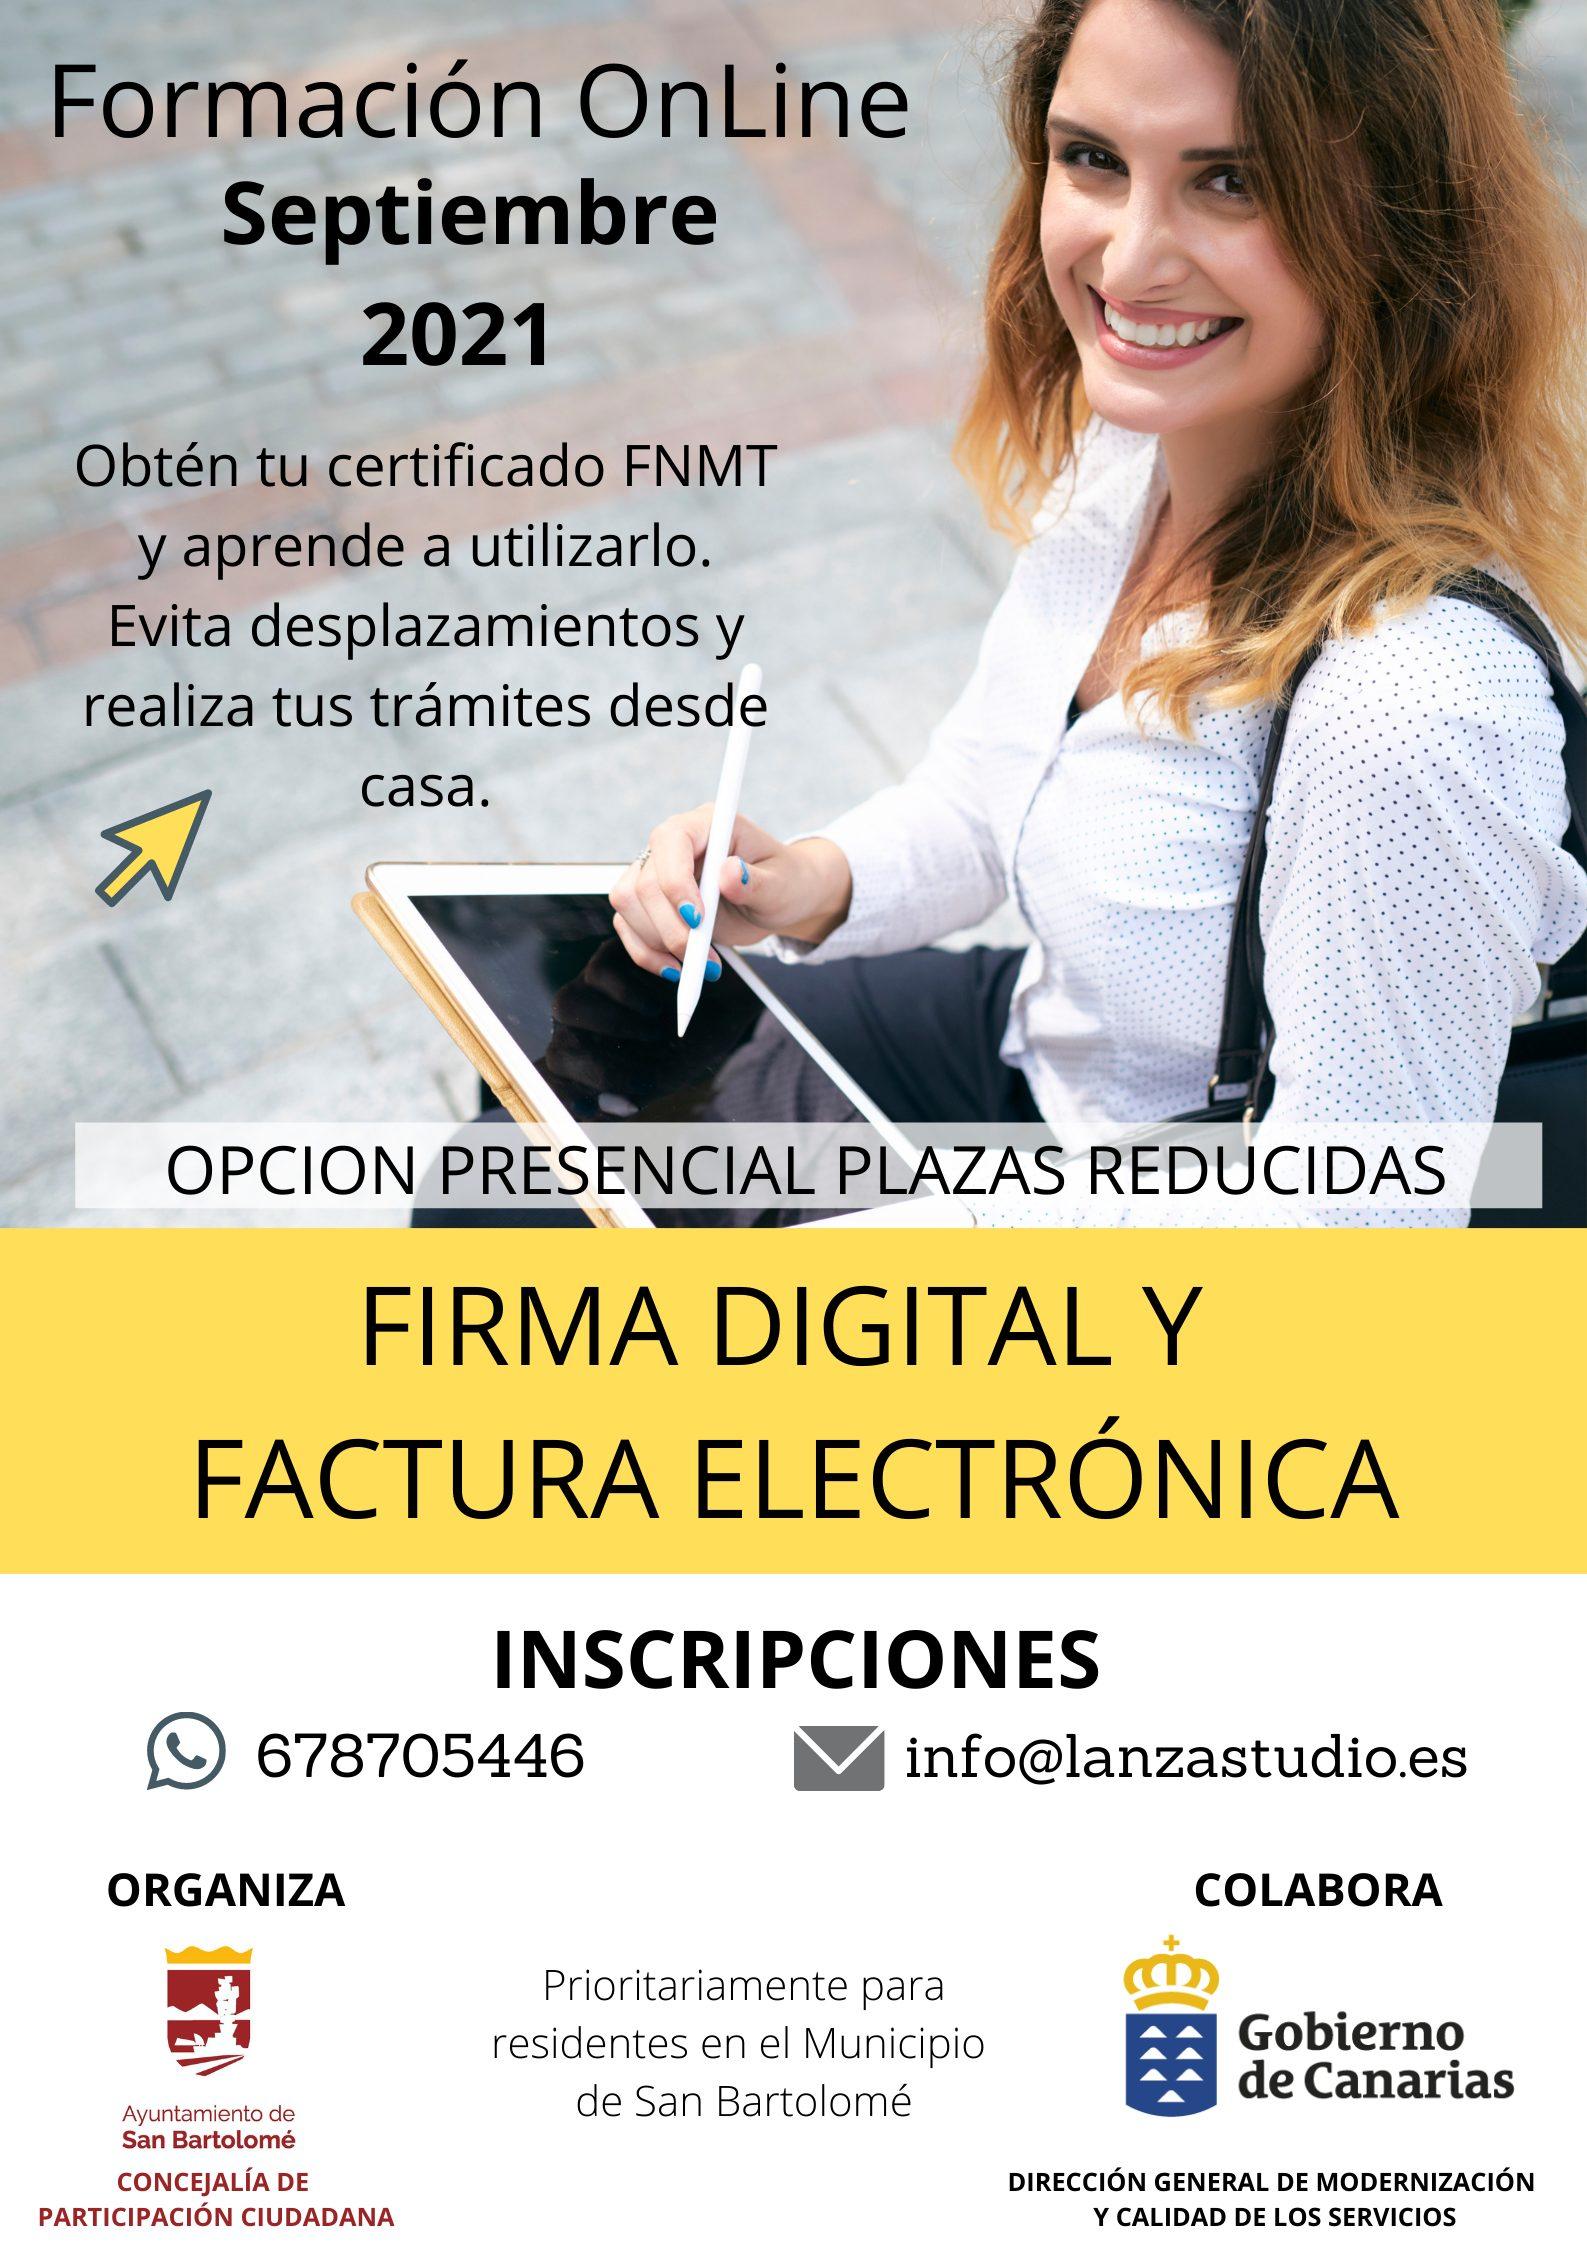 San Bartolomé oferta formación en facturación electrónica y firma digital para vecindad, colectivos y comercios del municipio